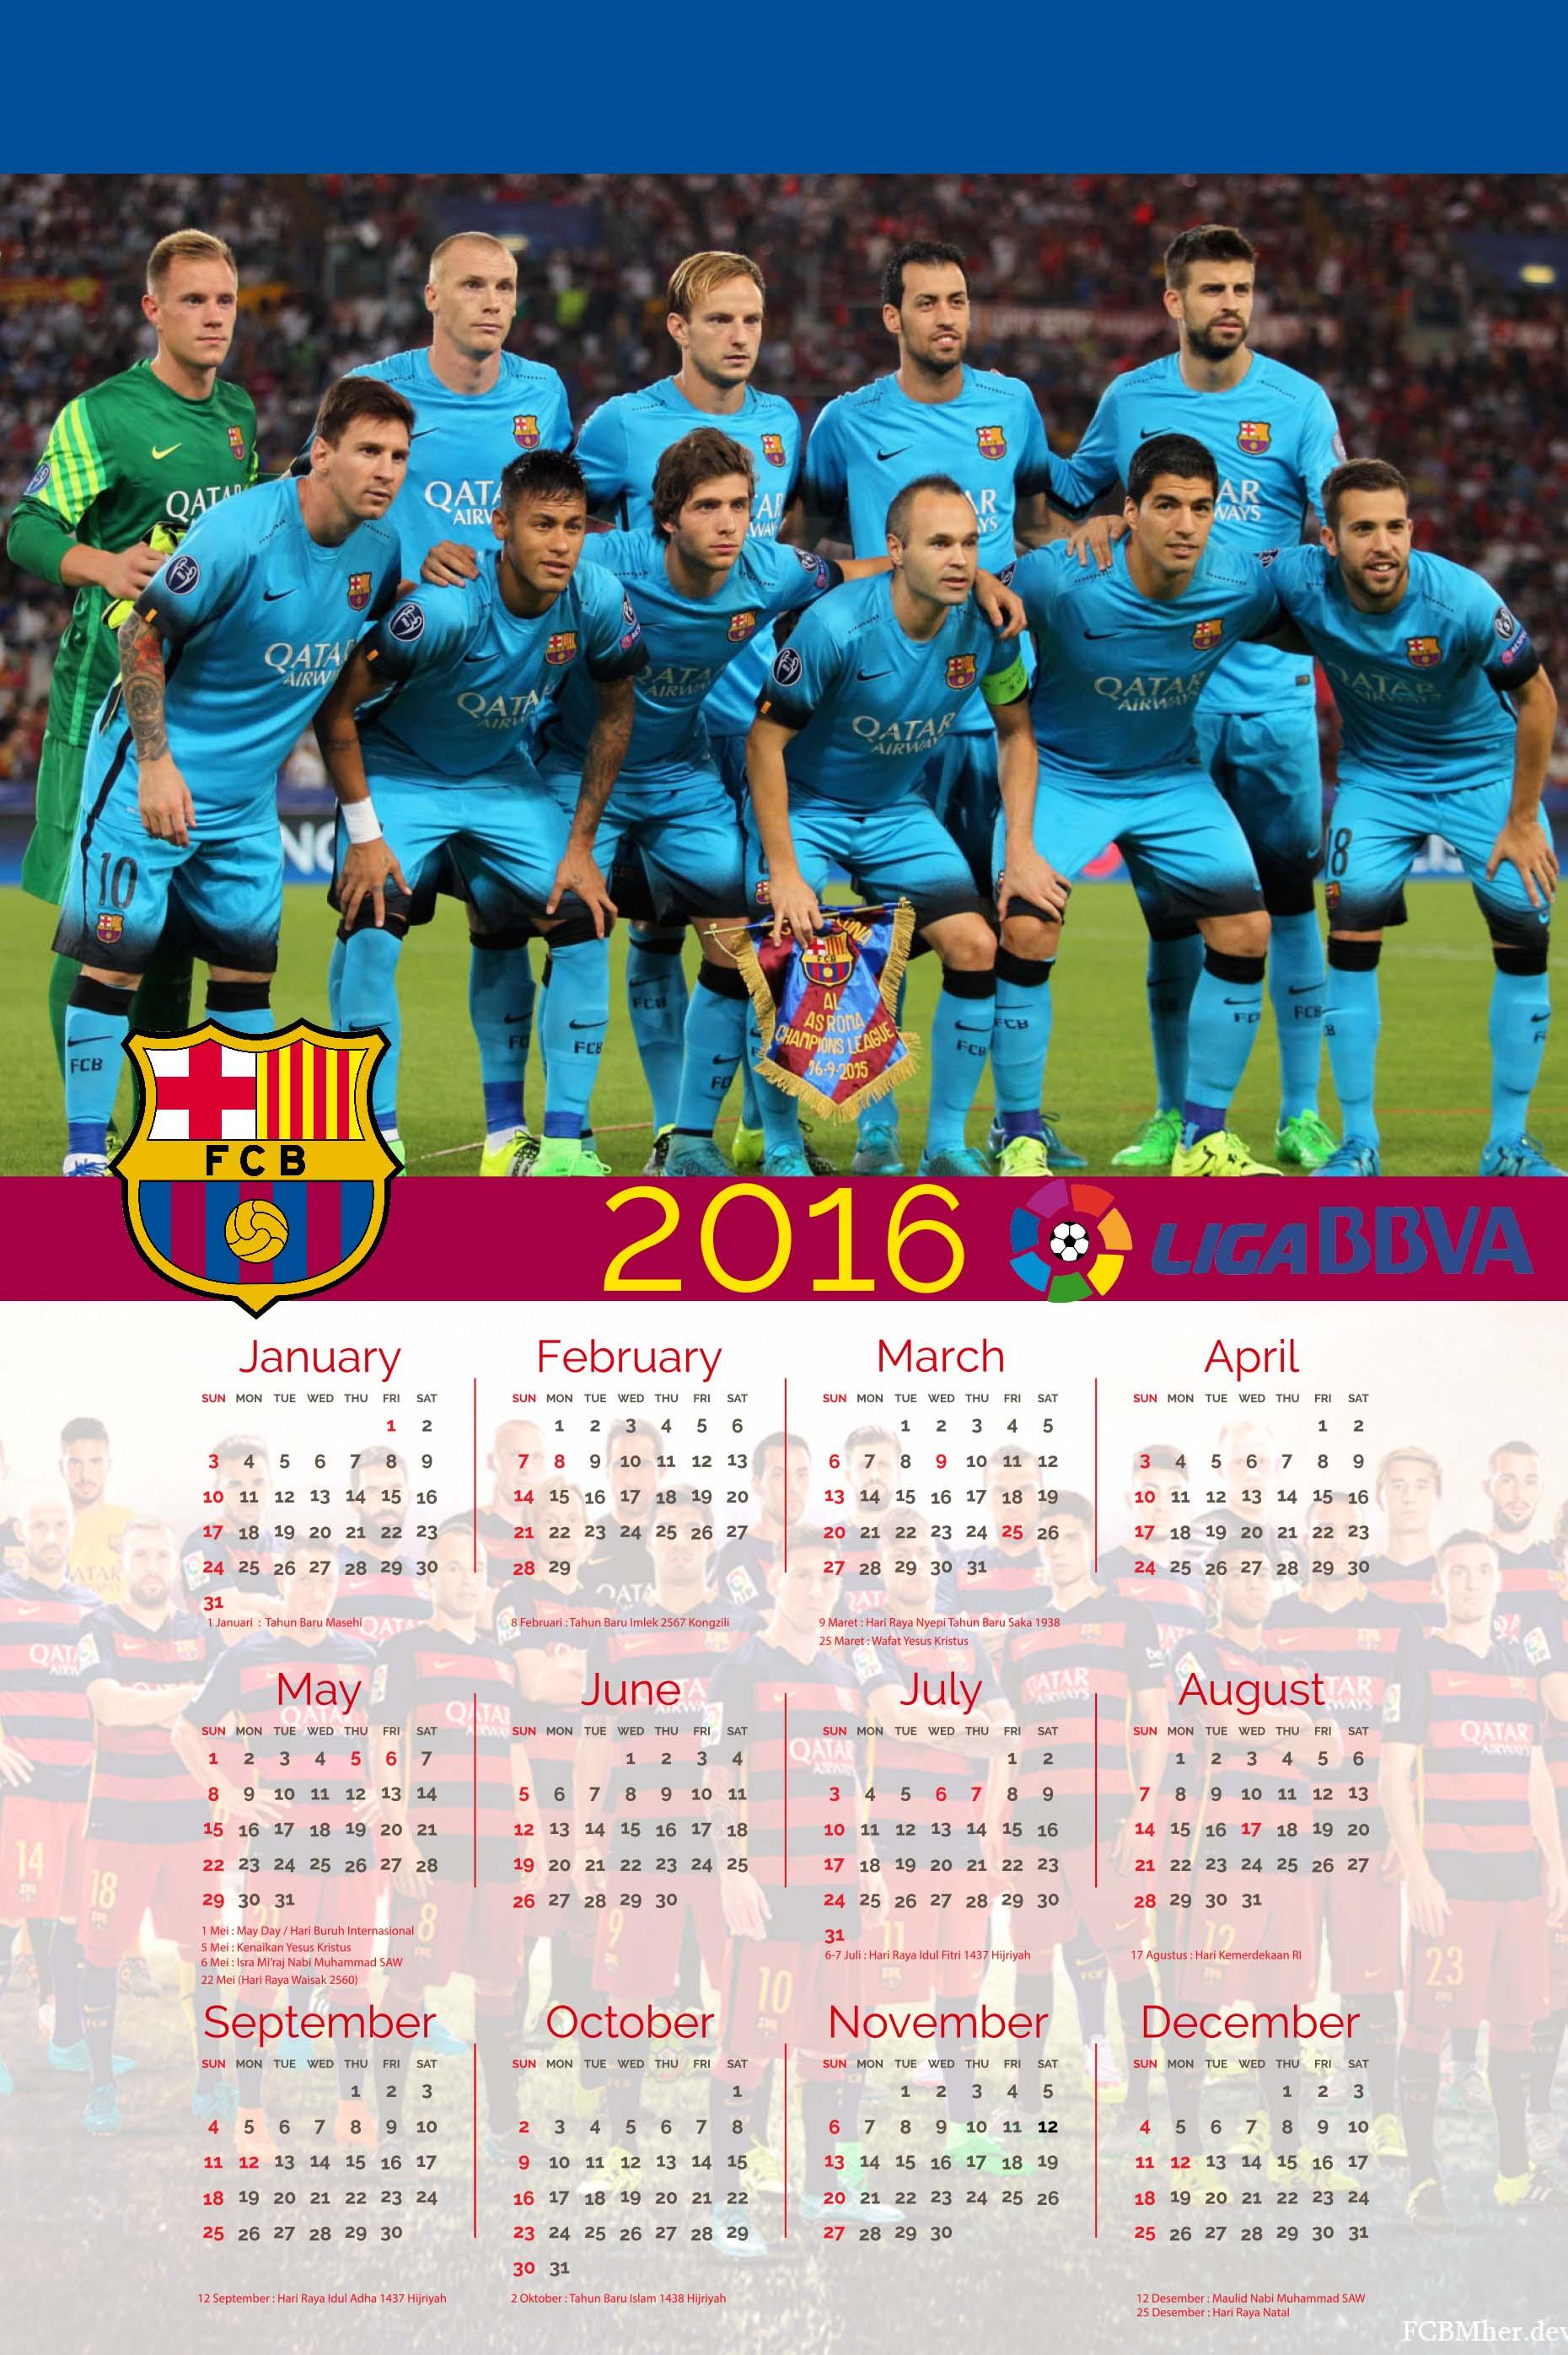 Jual Kalender 2016 Barcelona versi 1 Lembar - Aqilahku | Tokopedia